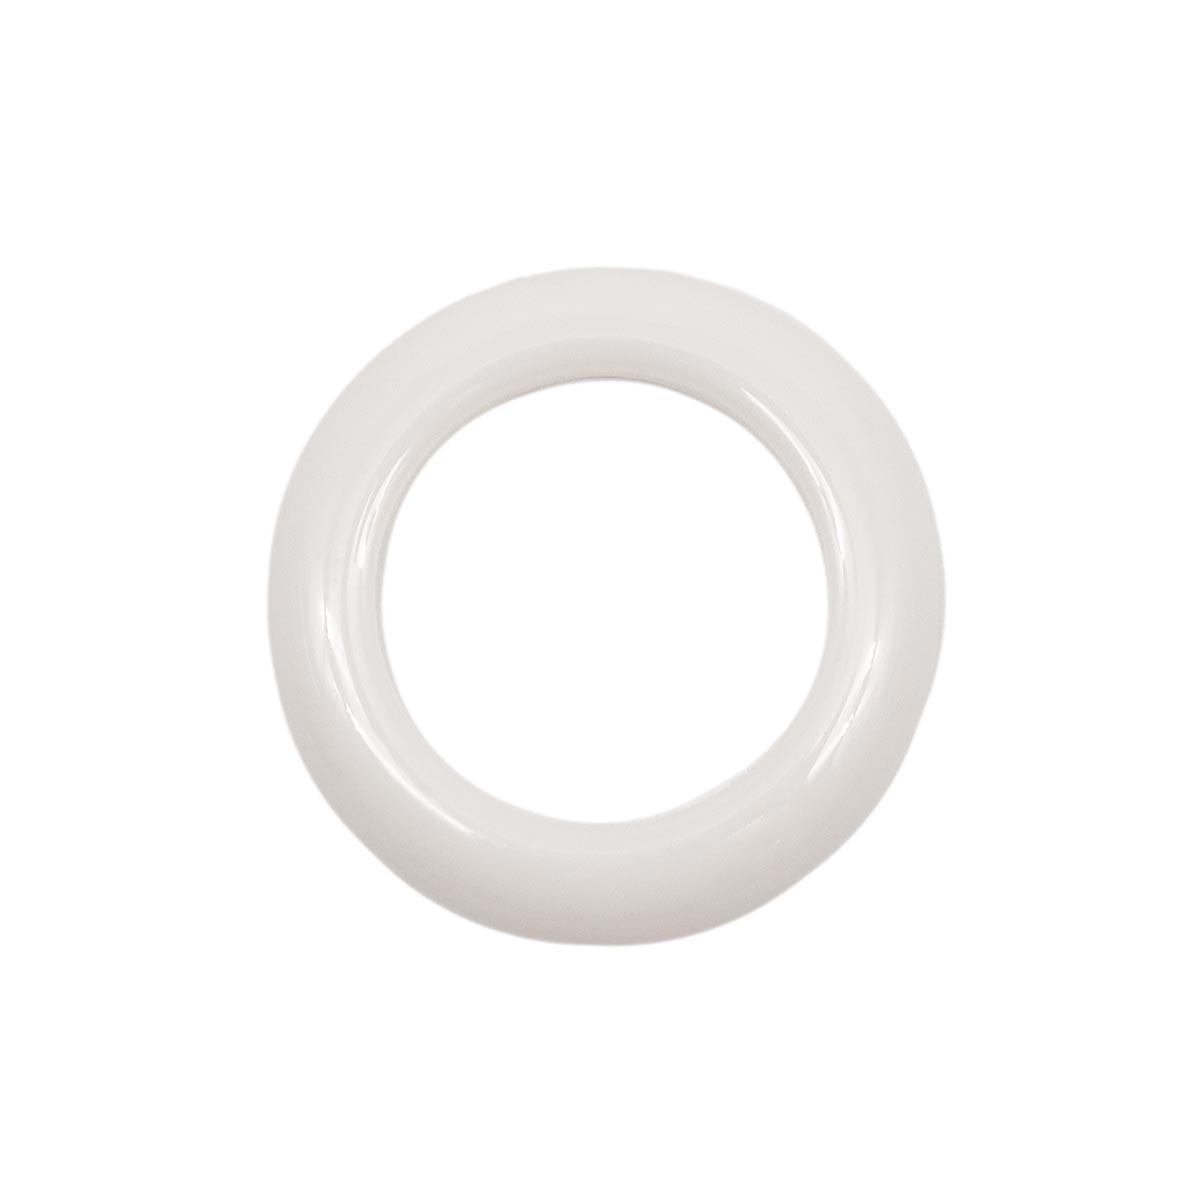 ГЛ672 Кольцо пластик. D=25/35мм, белое